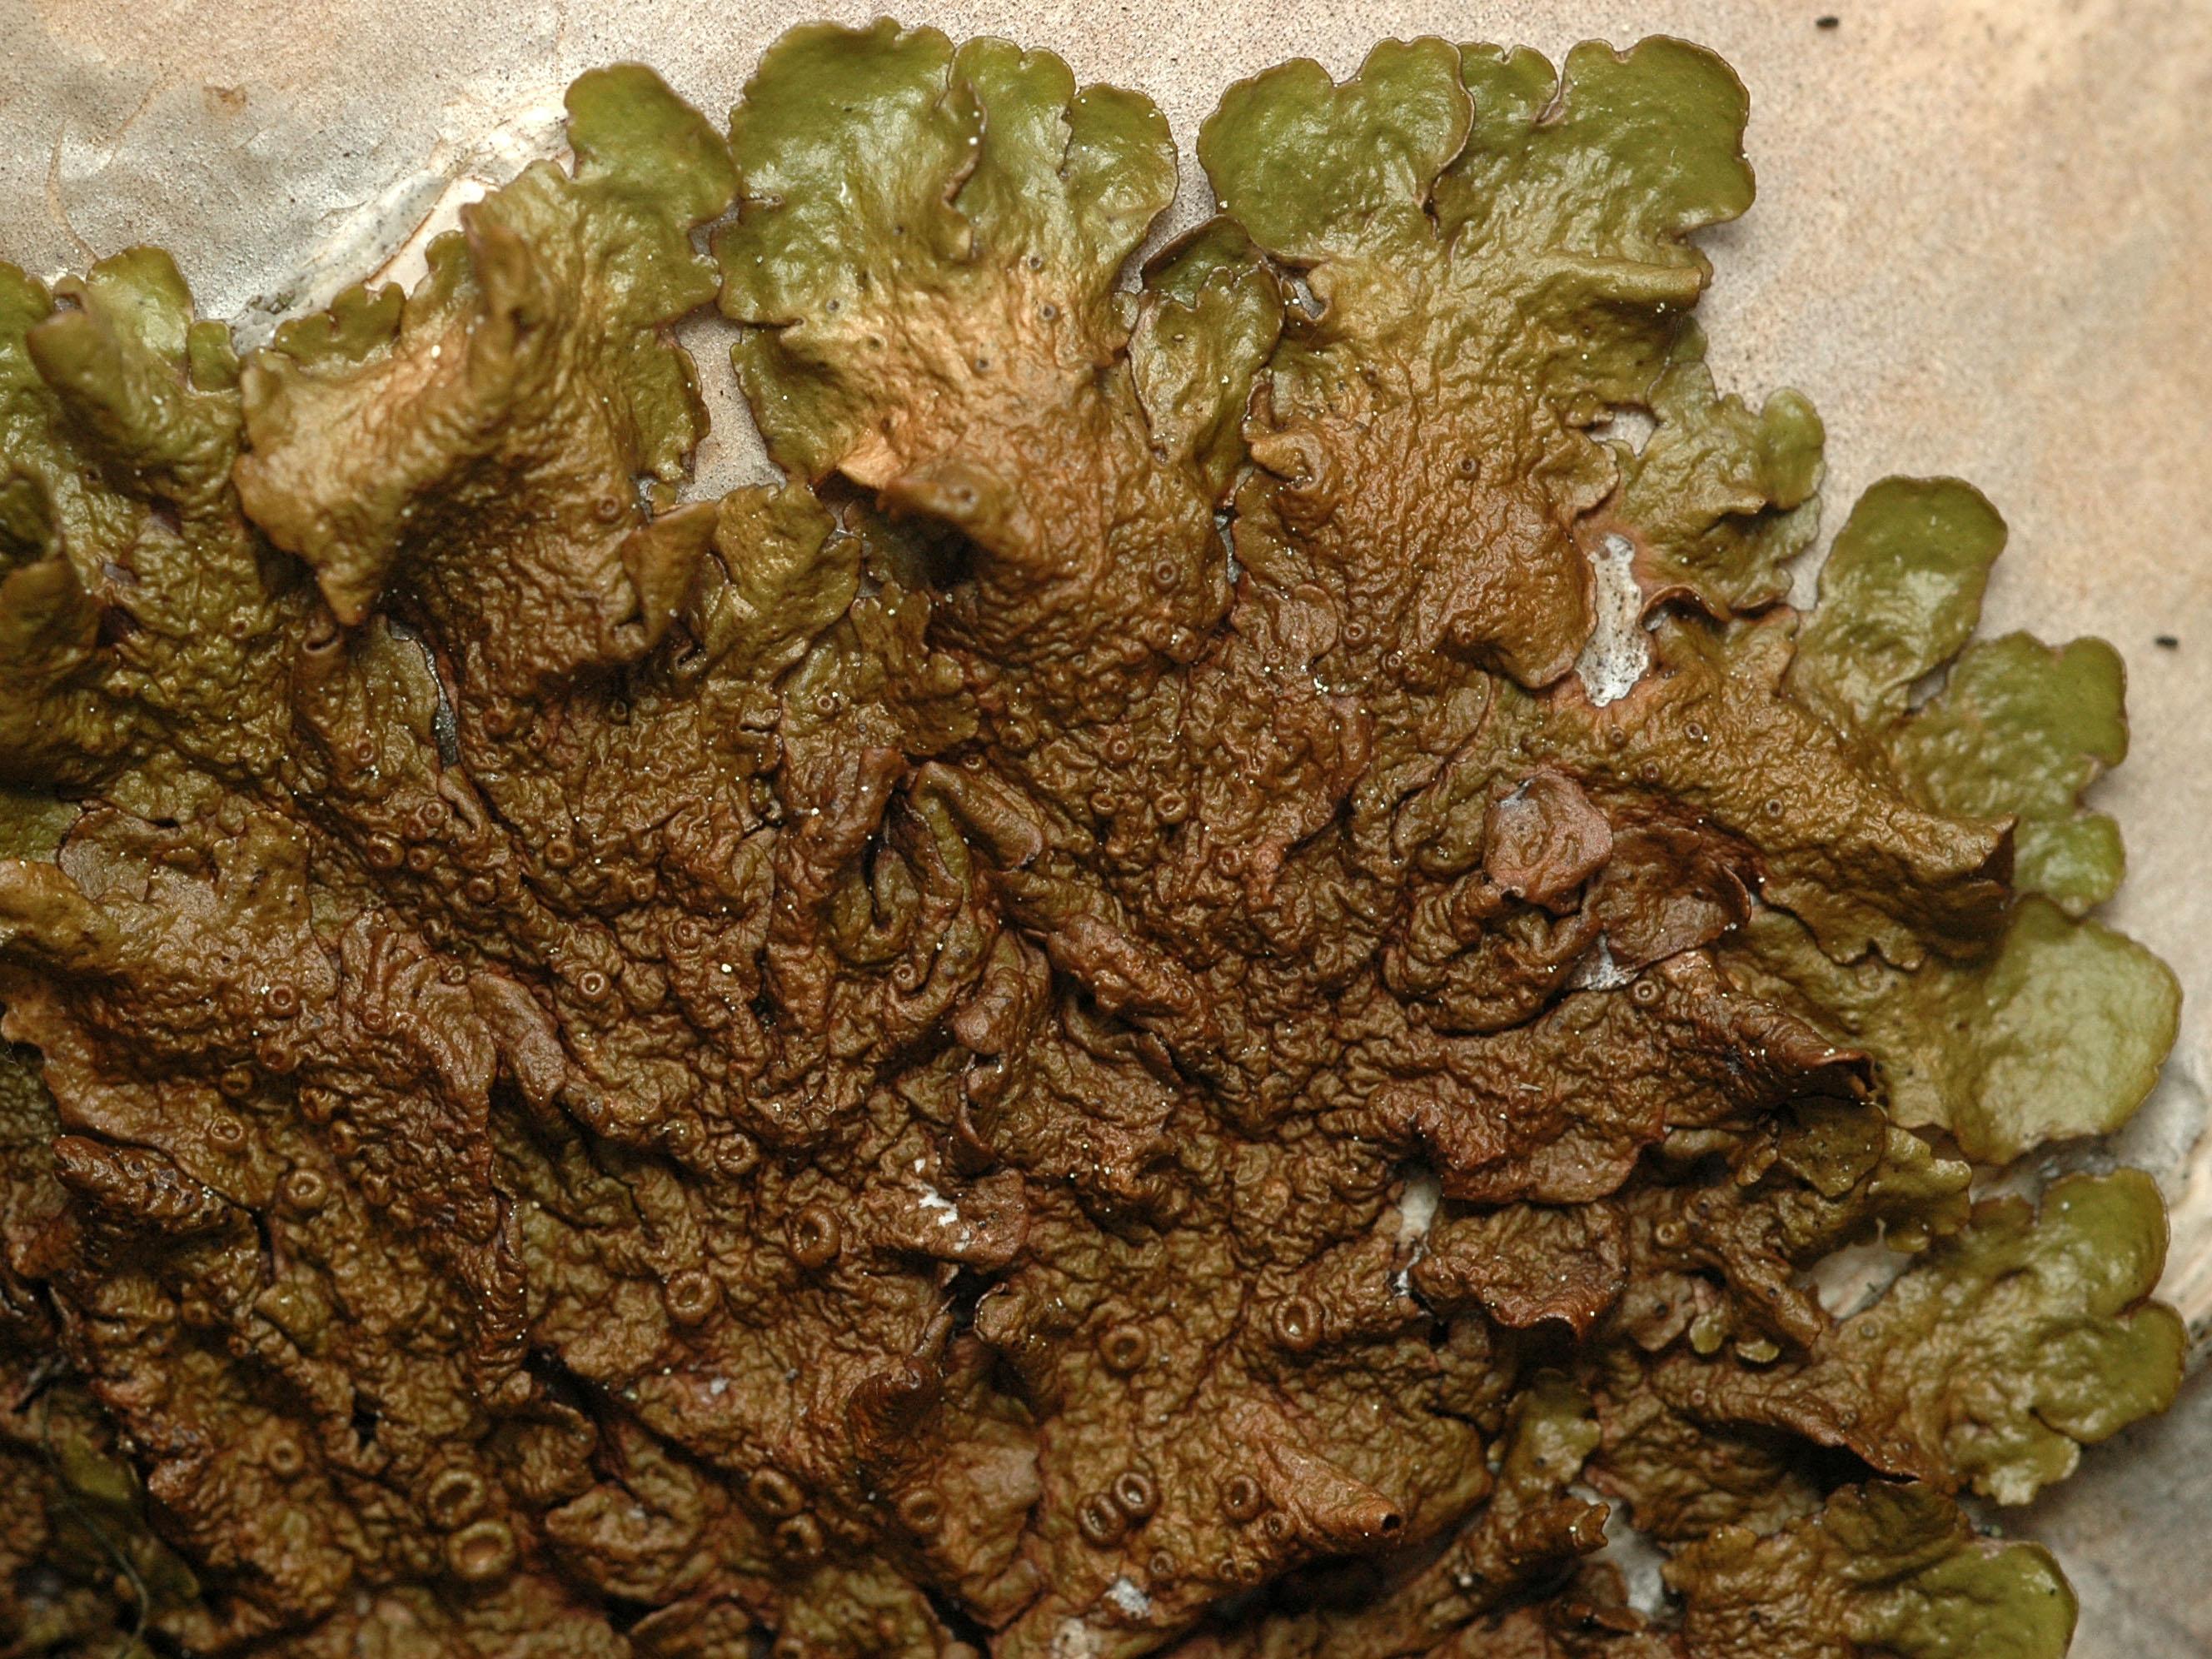 Melanelia olivacea